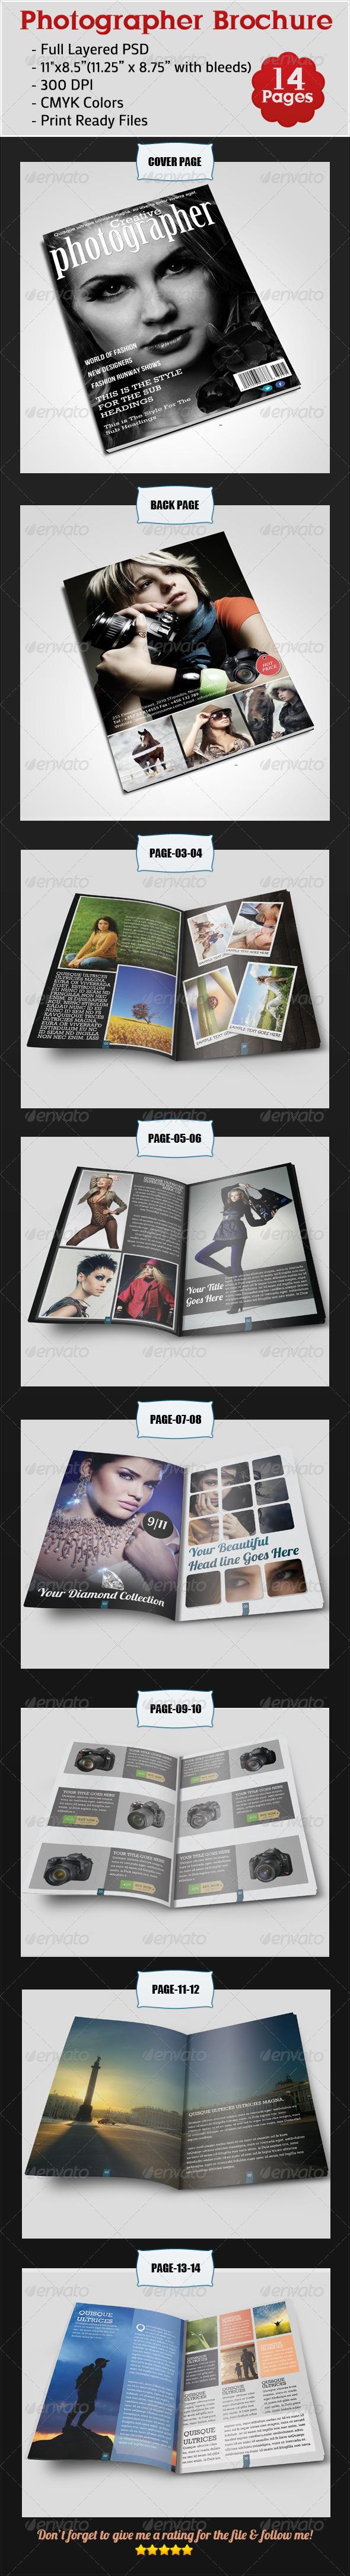 Photographer Brochure - Corporate Brochures